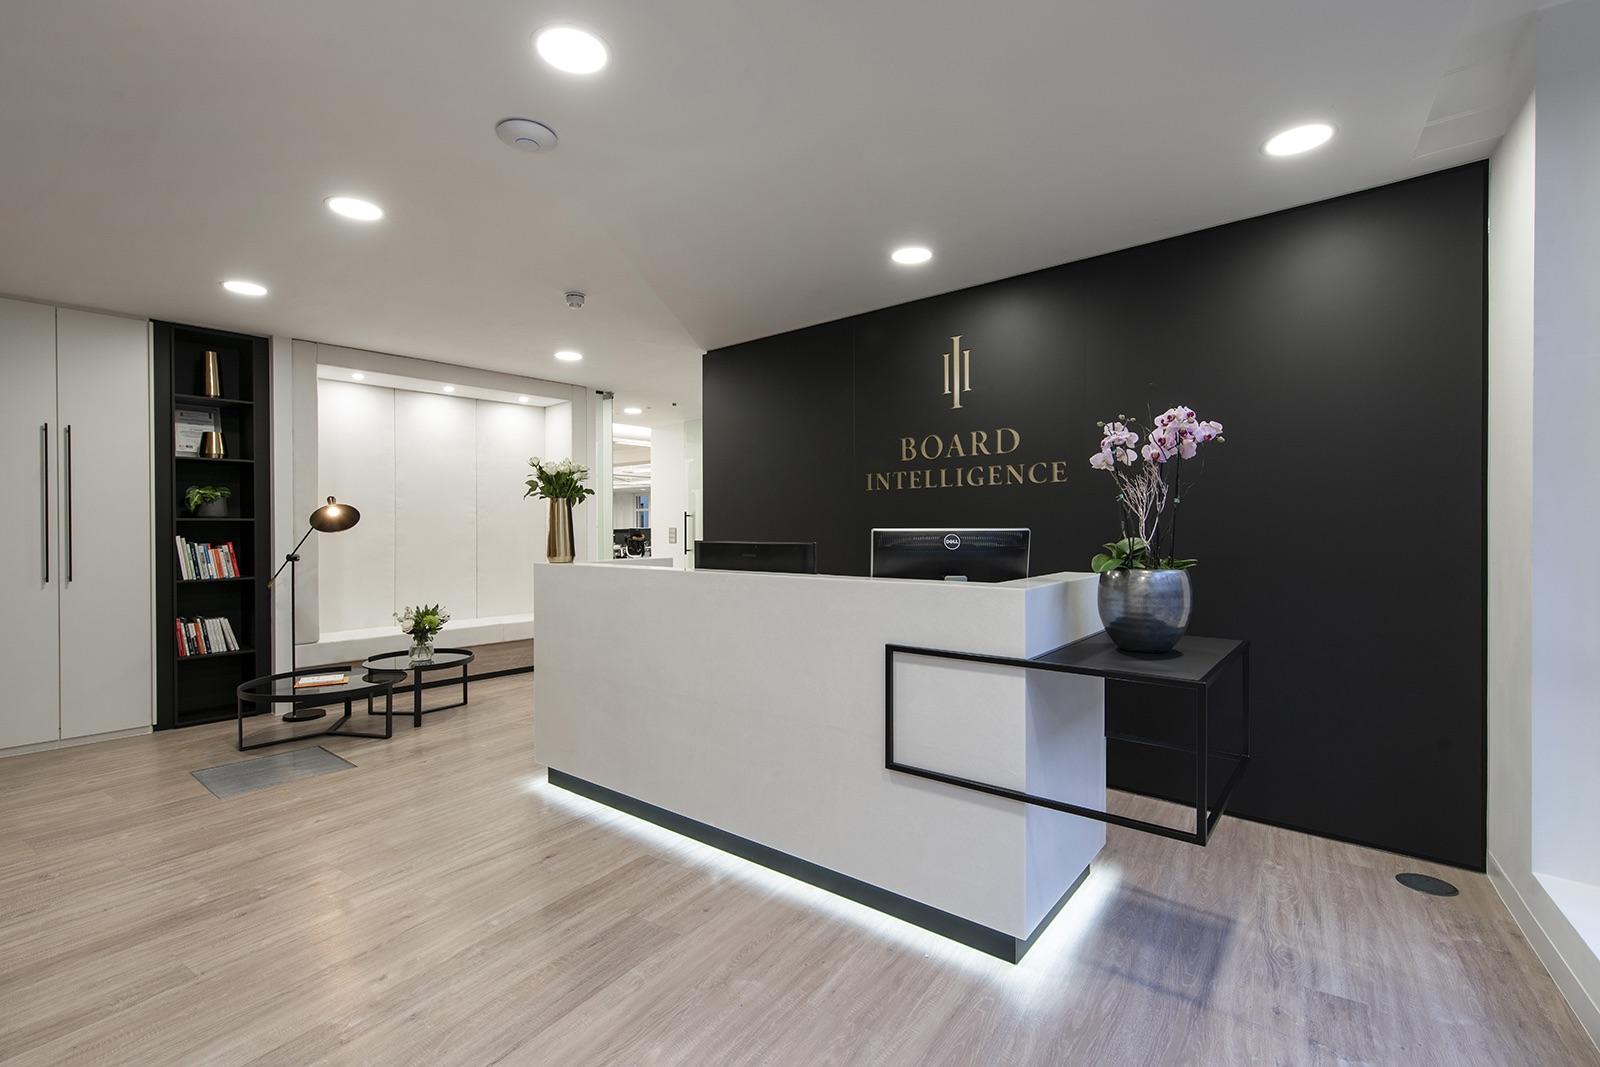 board-intelligence-office-london-1